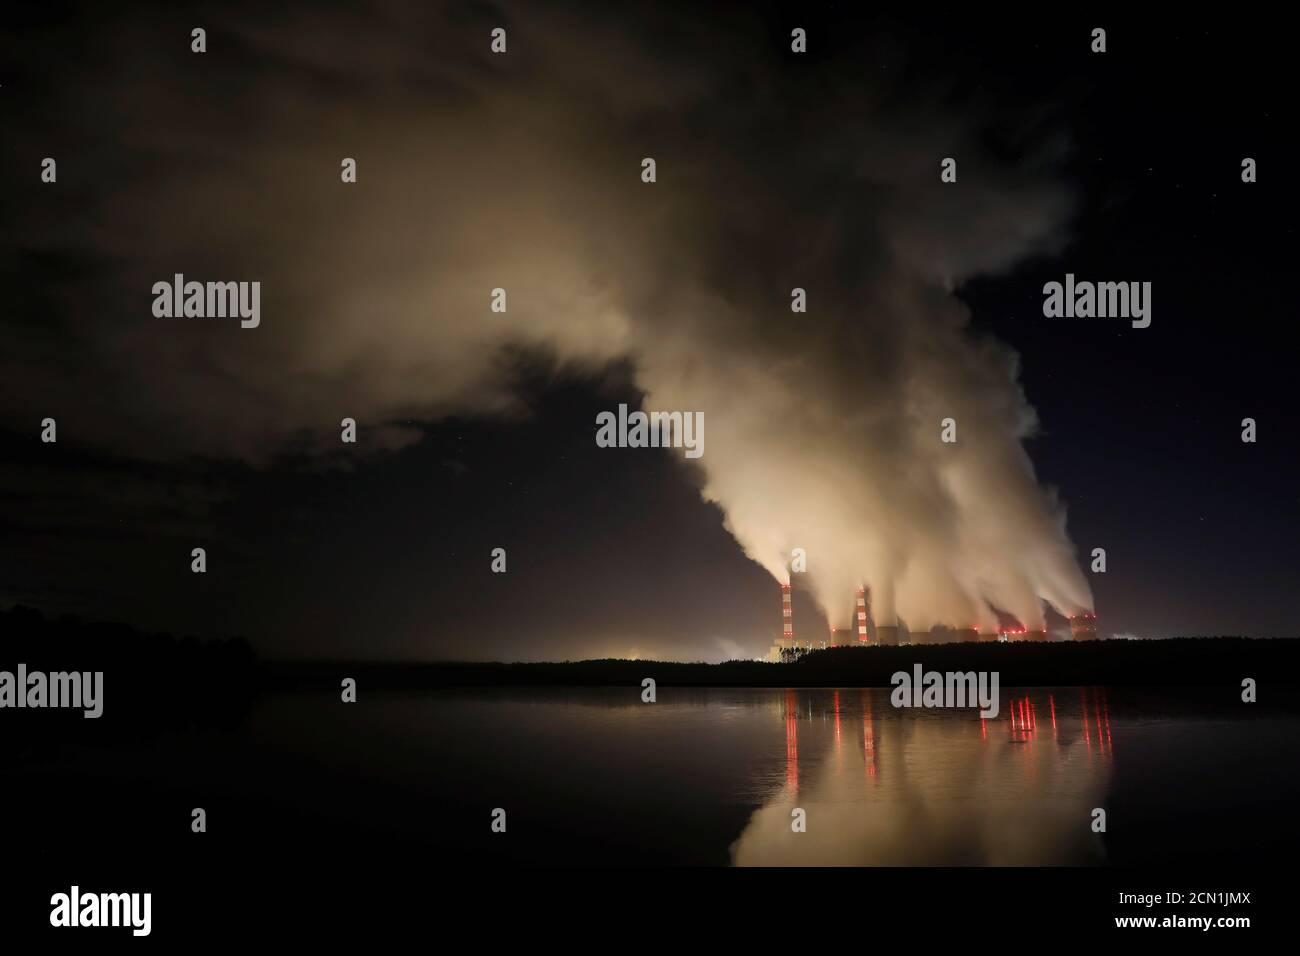 El humo y el vapor se enloquan desde la central eléctrica de Belchatow, la mayor central eléctrica de carbón de Europa operada por PGE Group, por la noche cerca de Belchatow, Polonia, 5 de diciembre de 2018. Foto tomada el 5 de diciembre de 2018. REUTERS/Kacper Pempel Foto de stock